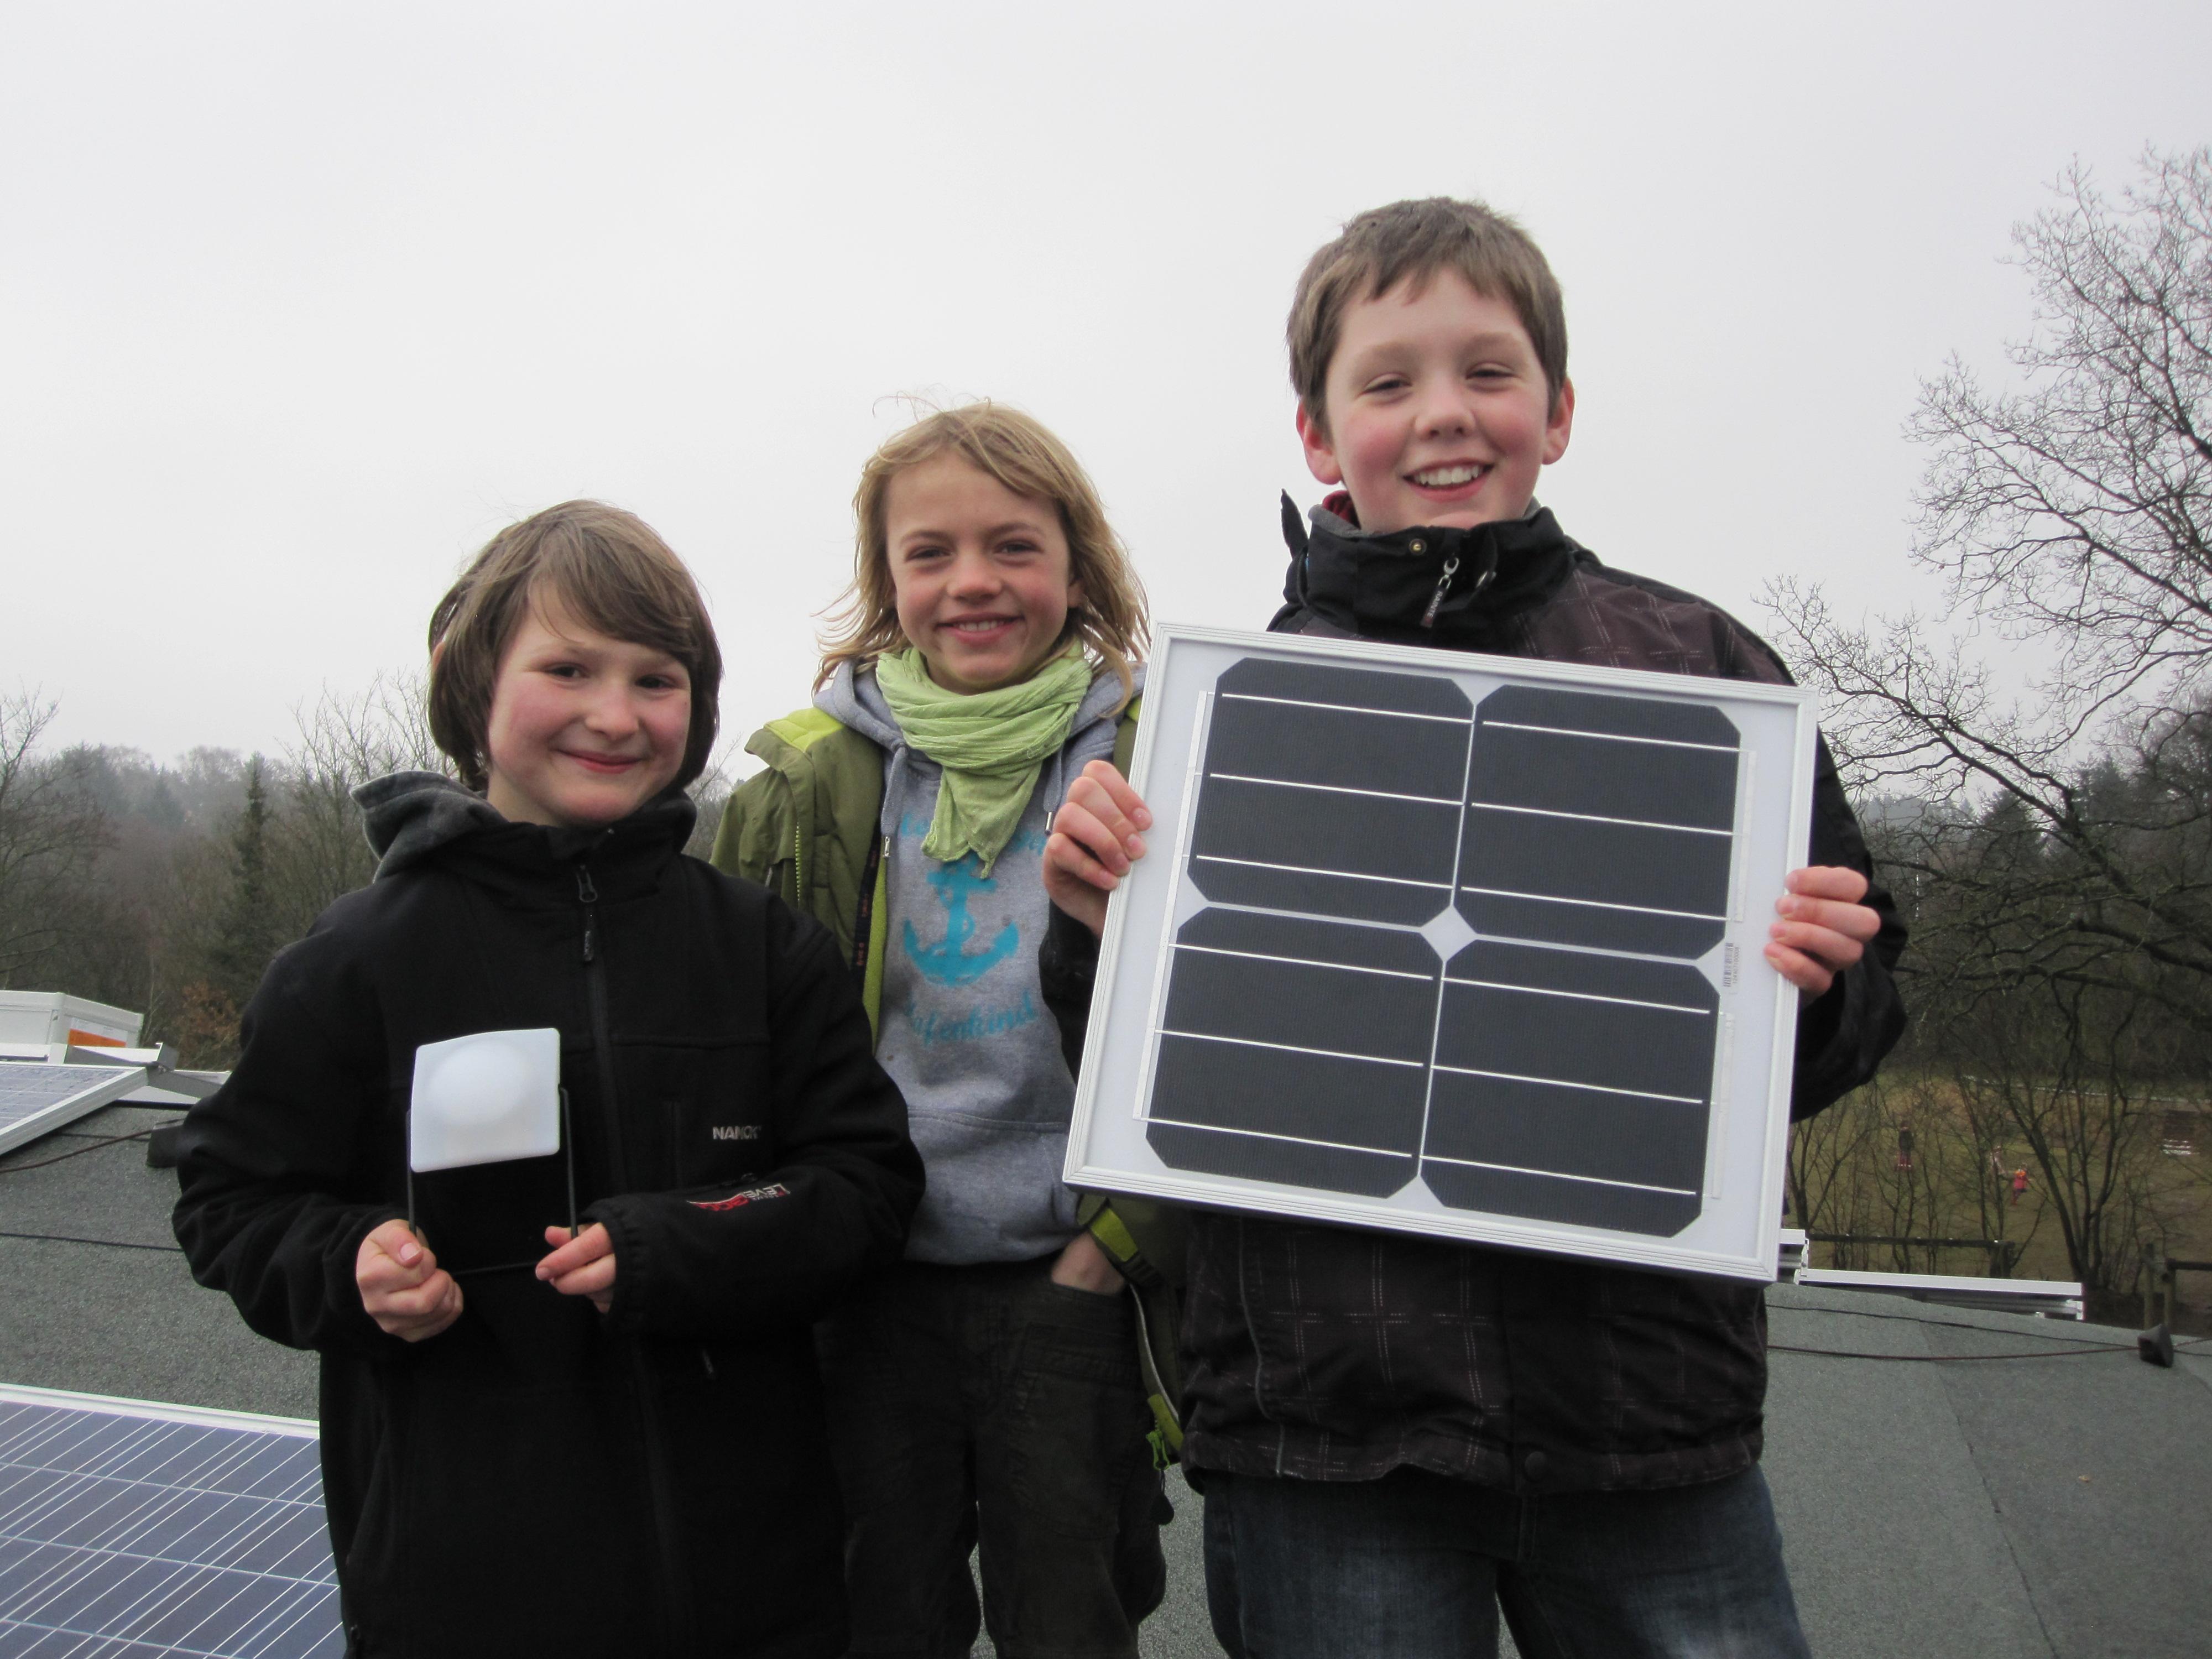 Energía solar fotovoltaica para la escolarización en África